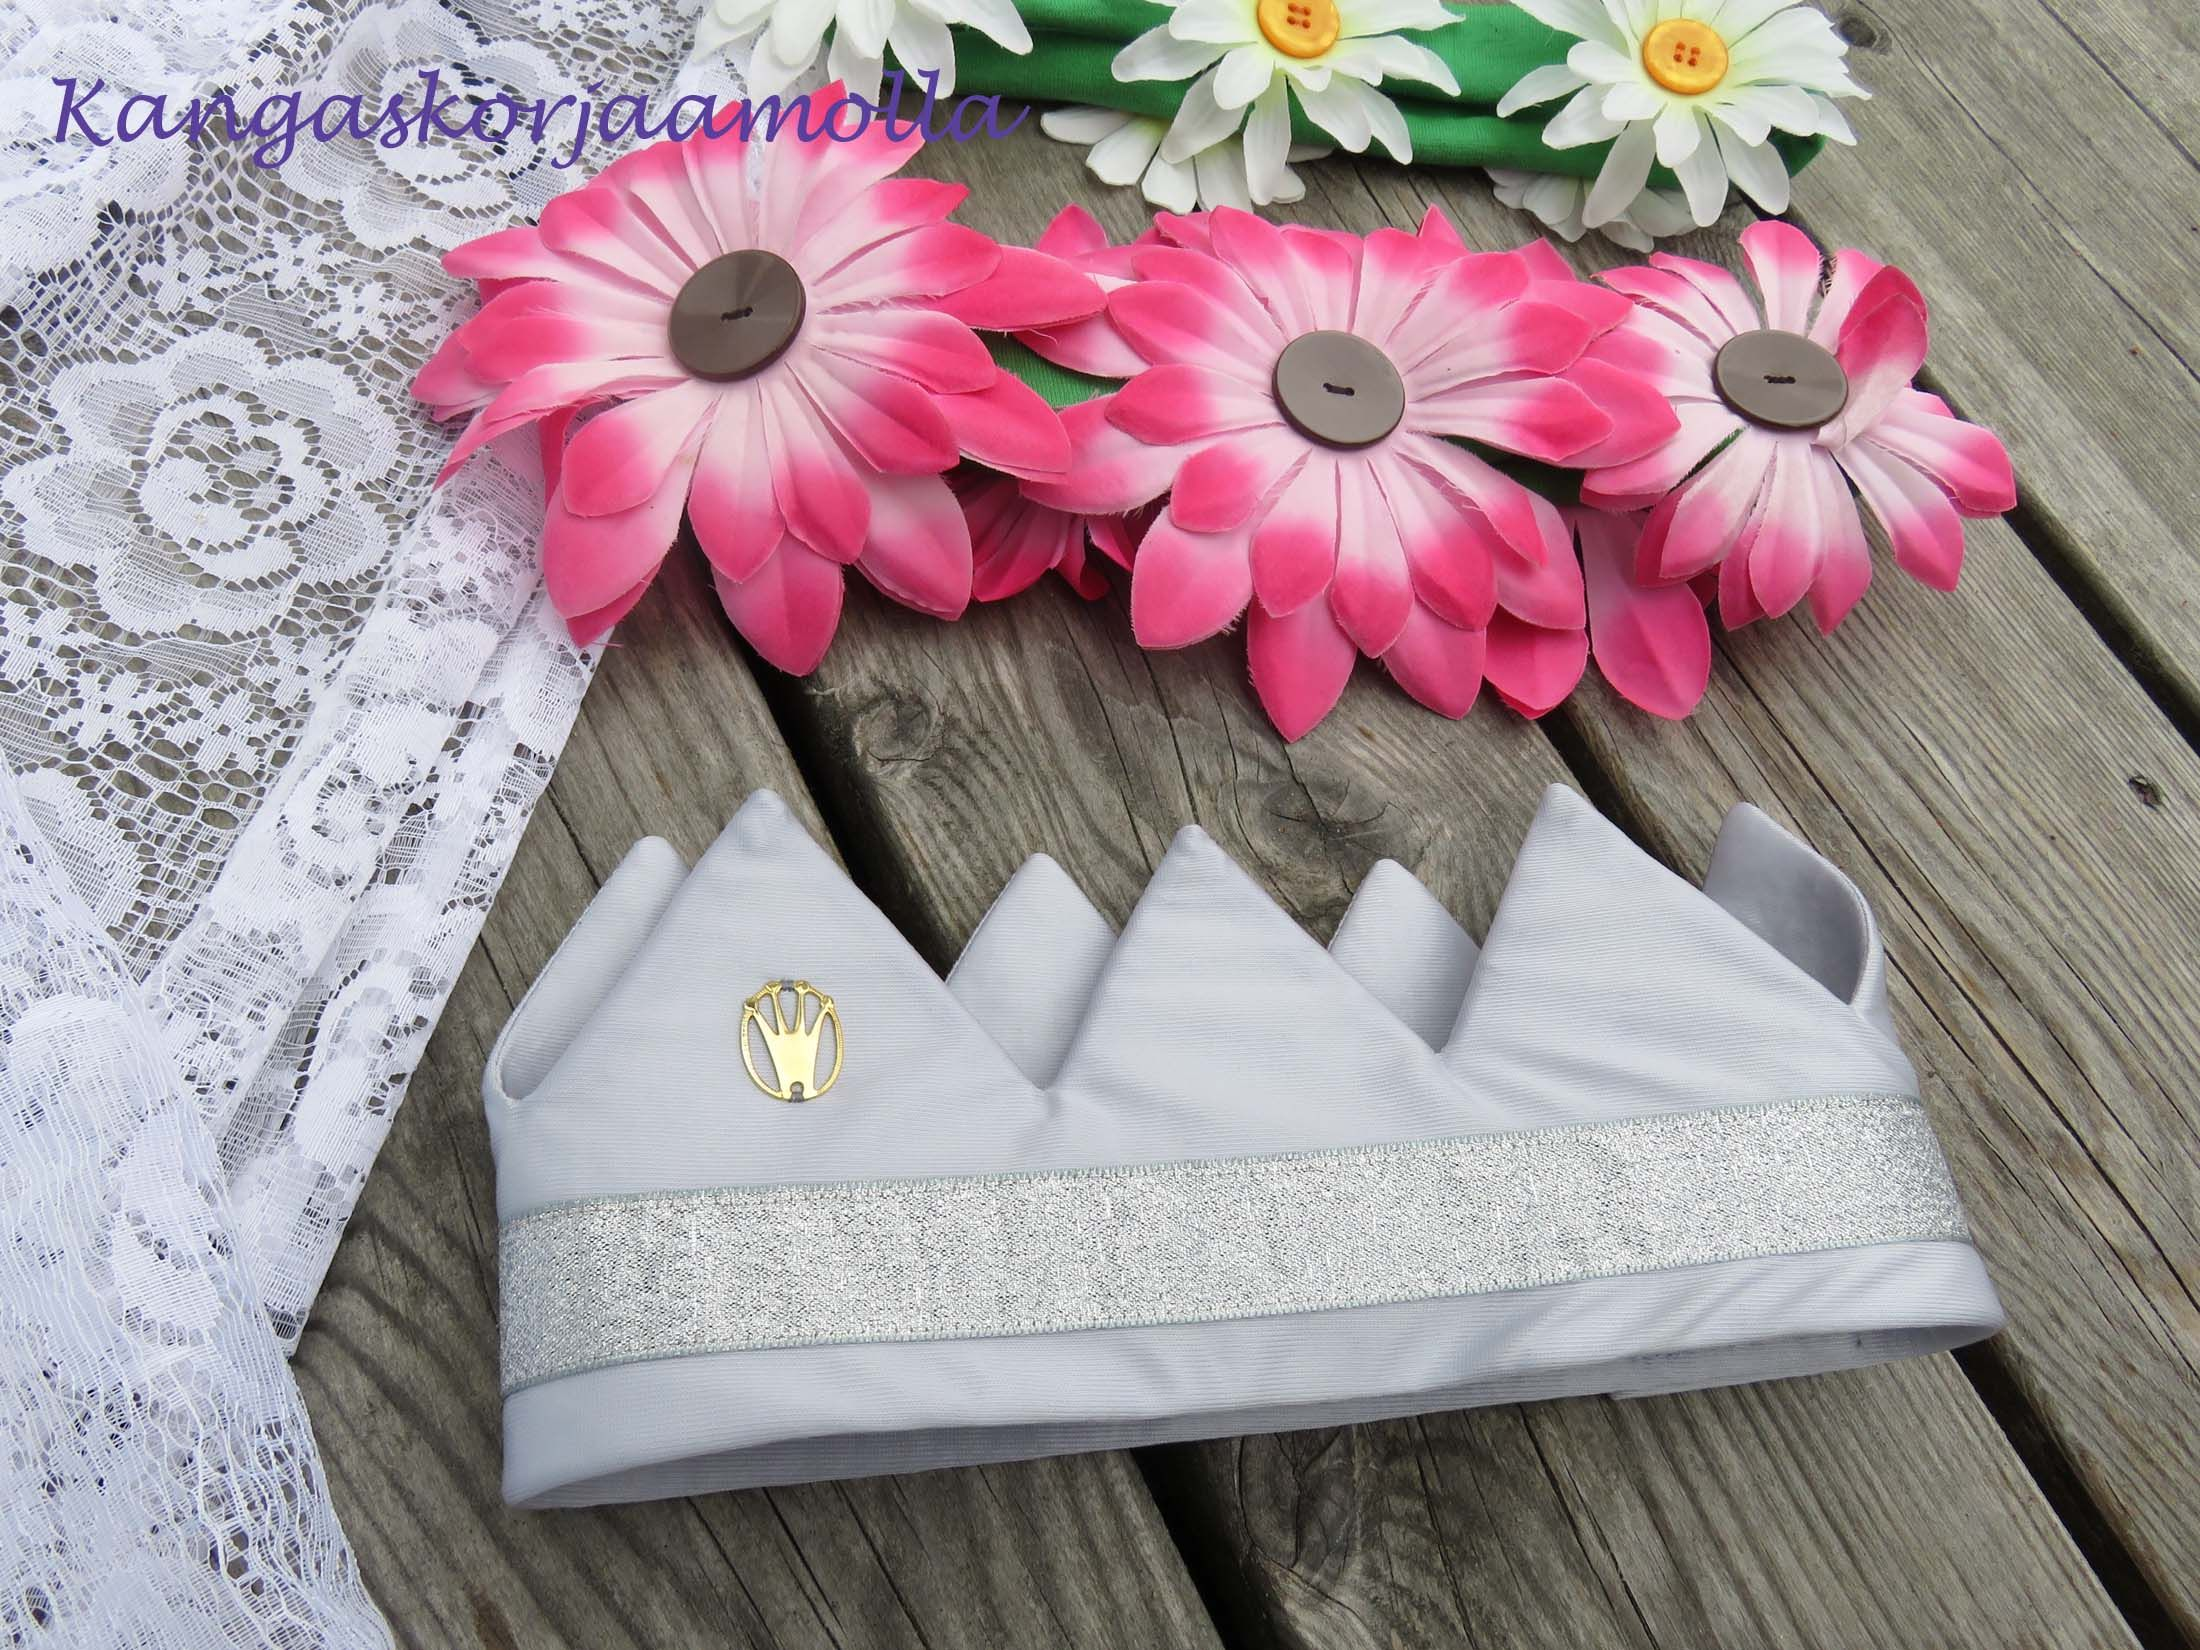 päähineitä naamiaisiin a fabric crown  https://kangaskorjaamolla.blogspot.fi/2016/07/paahineita-naamiaisiin.html